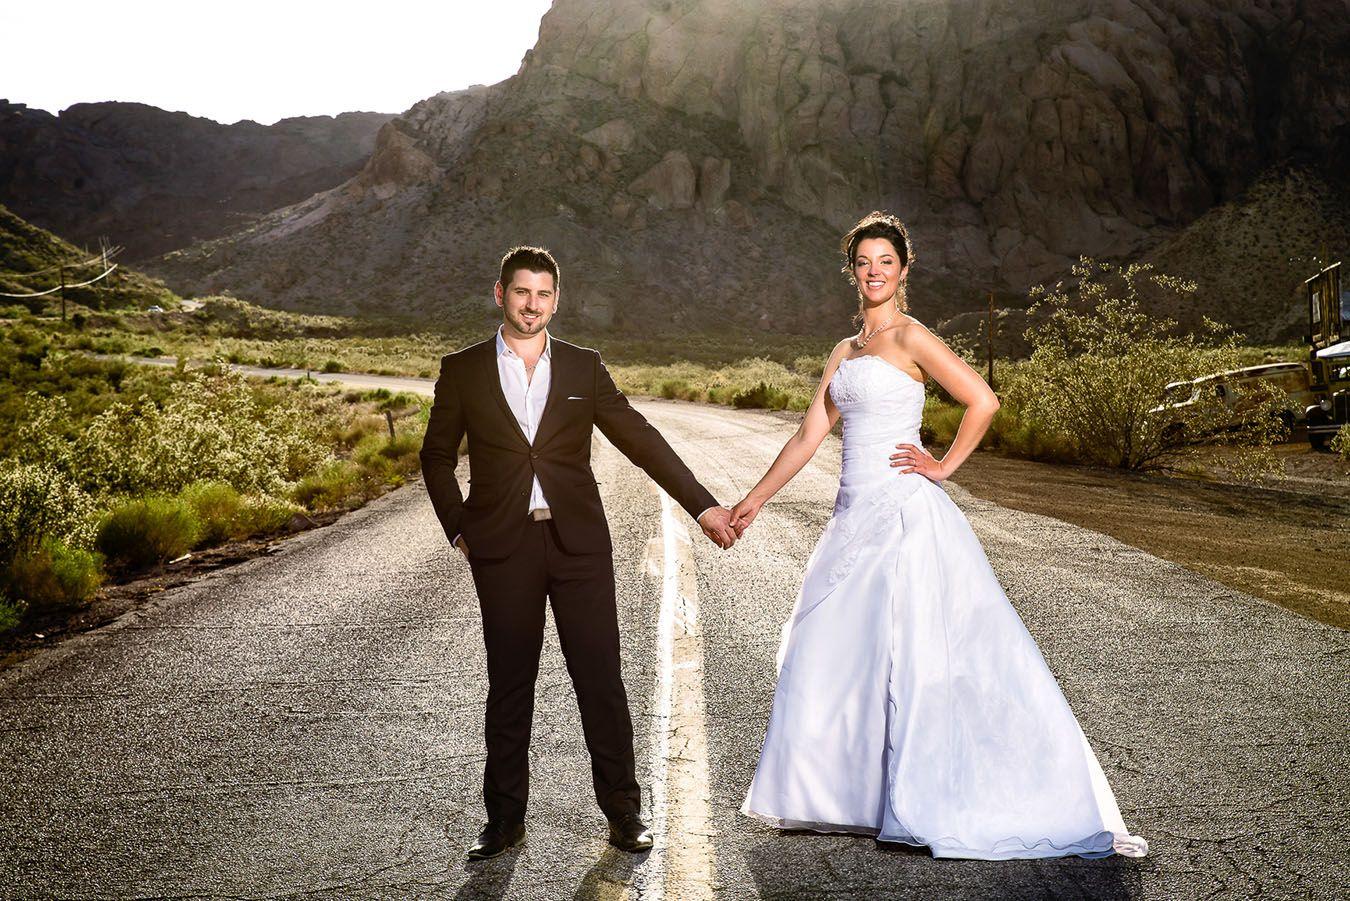 Nelson Ghost Town Weddings | Las Vegas Luv Bug Weddings